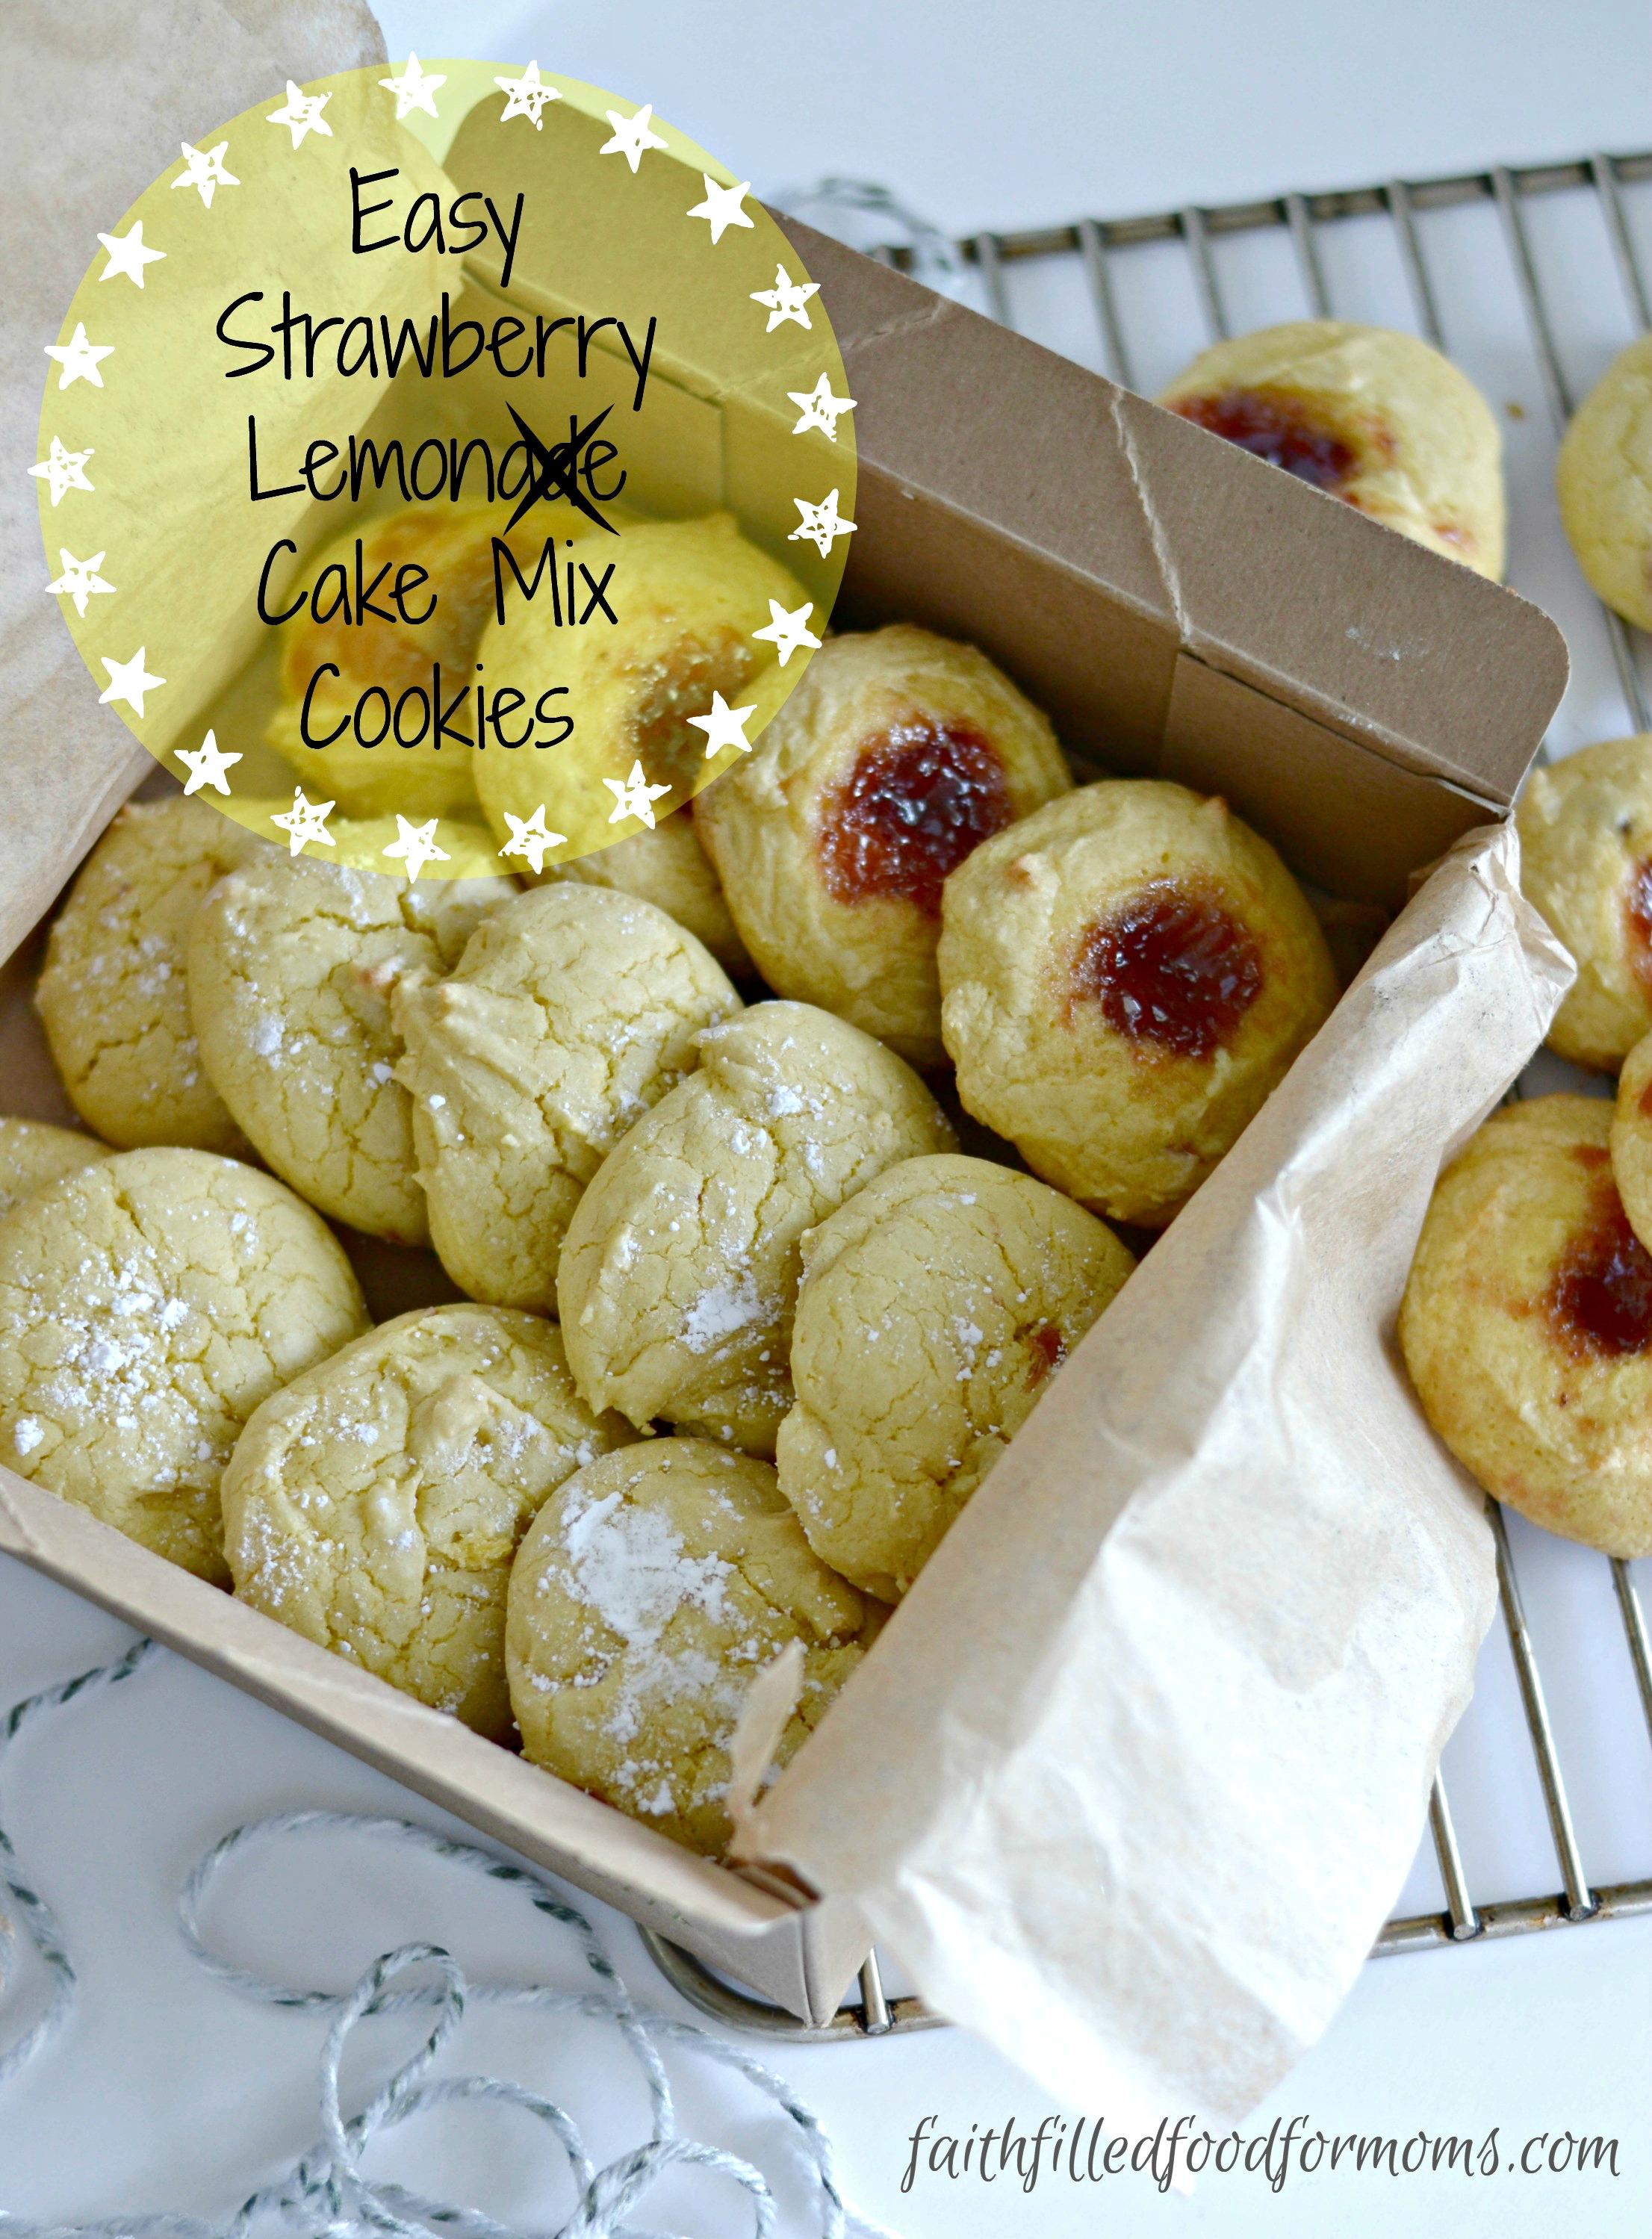 Easy Strawberry Lemon Cake Mix Cookies